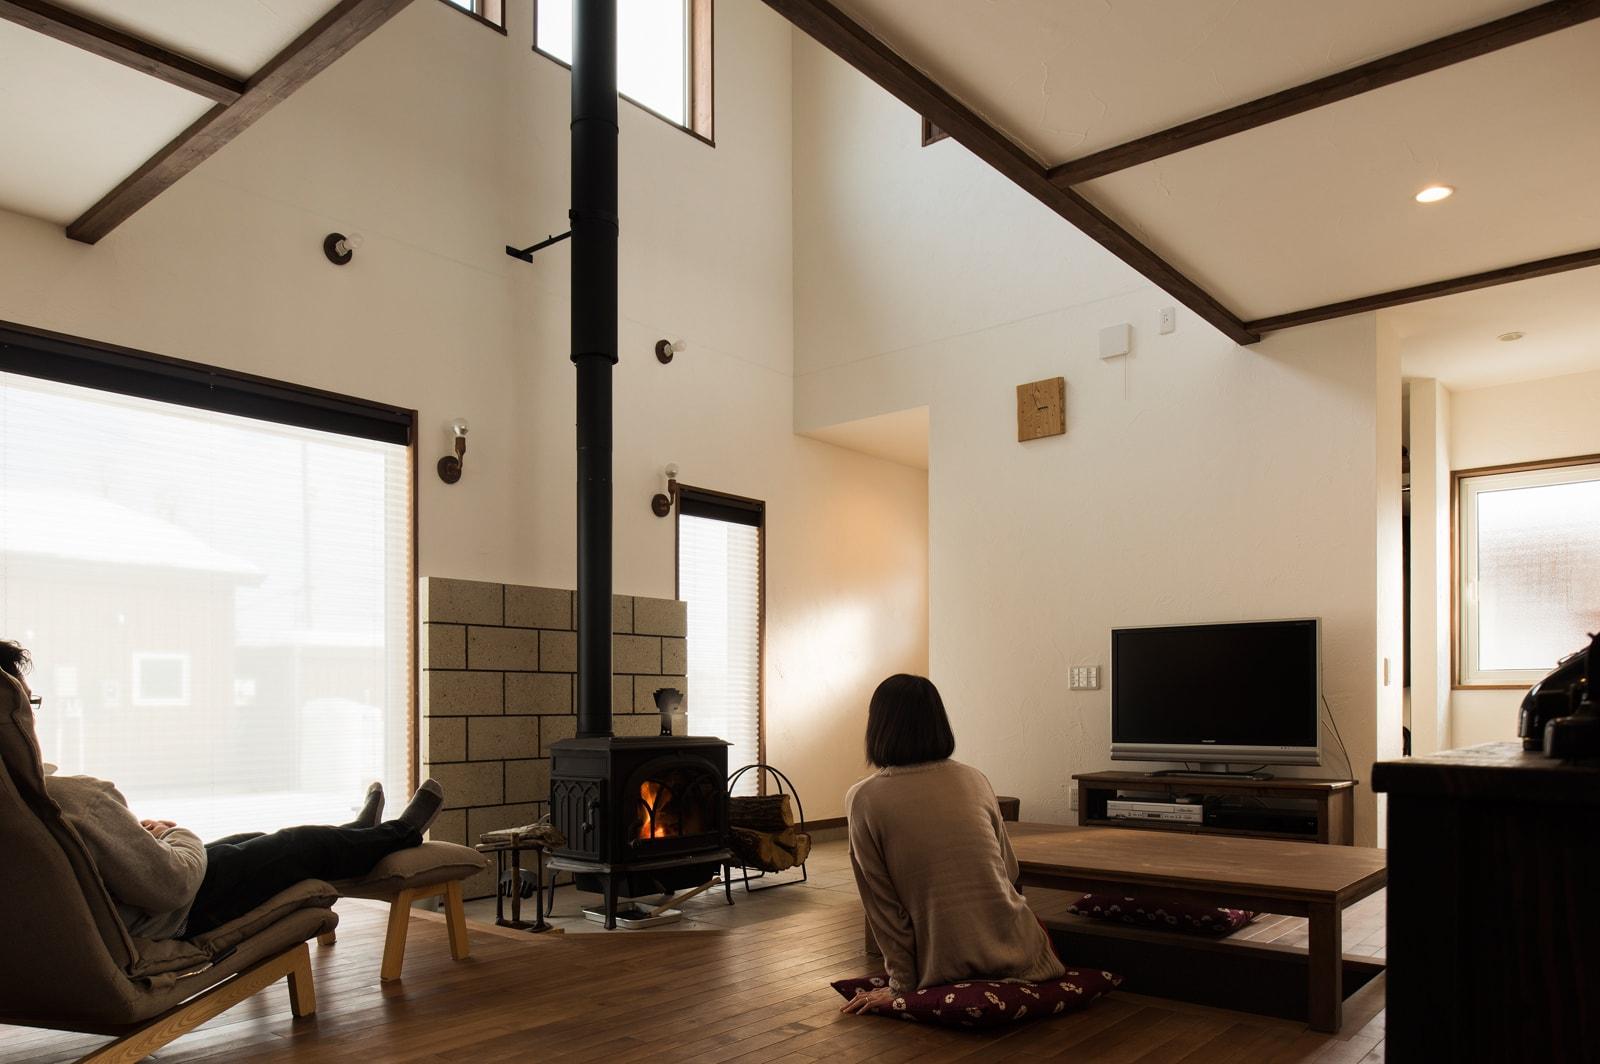 炎を眺める楽しさは薪ストーブならではのもの。炎を見ることで暖かさを視覚的に体感するのも魅力的